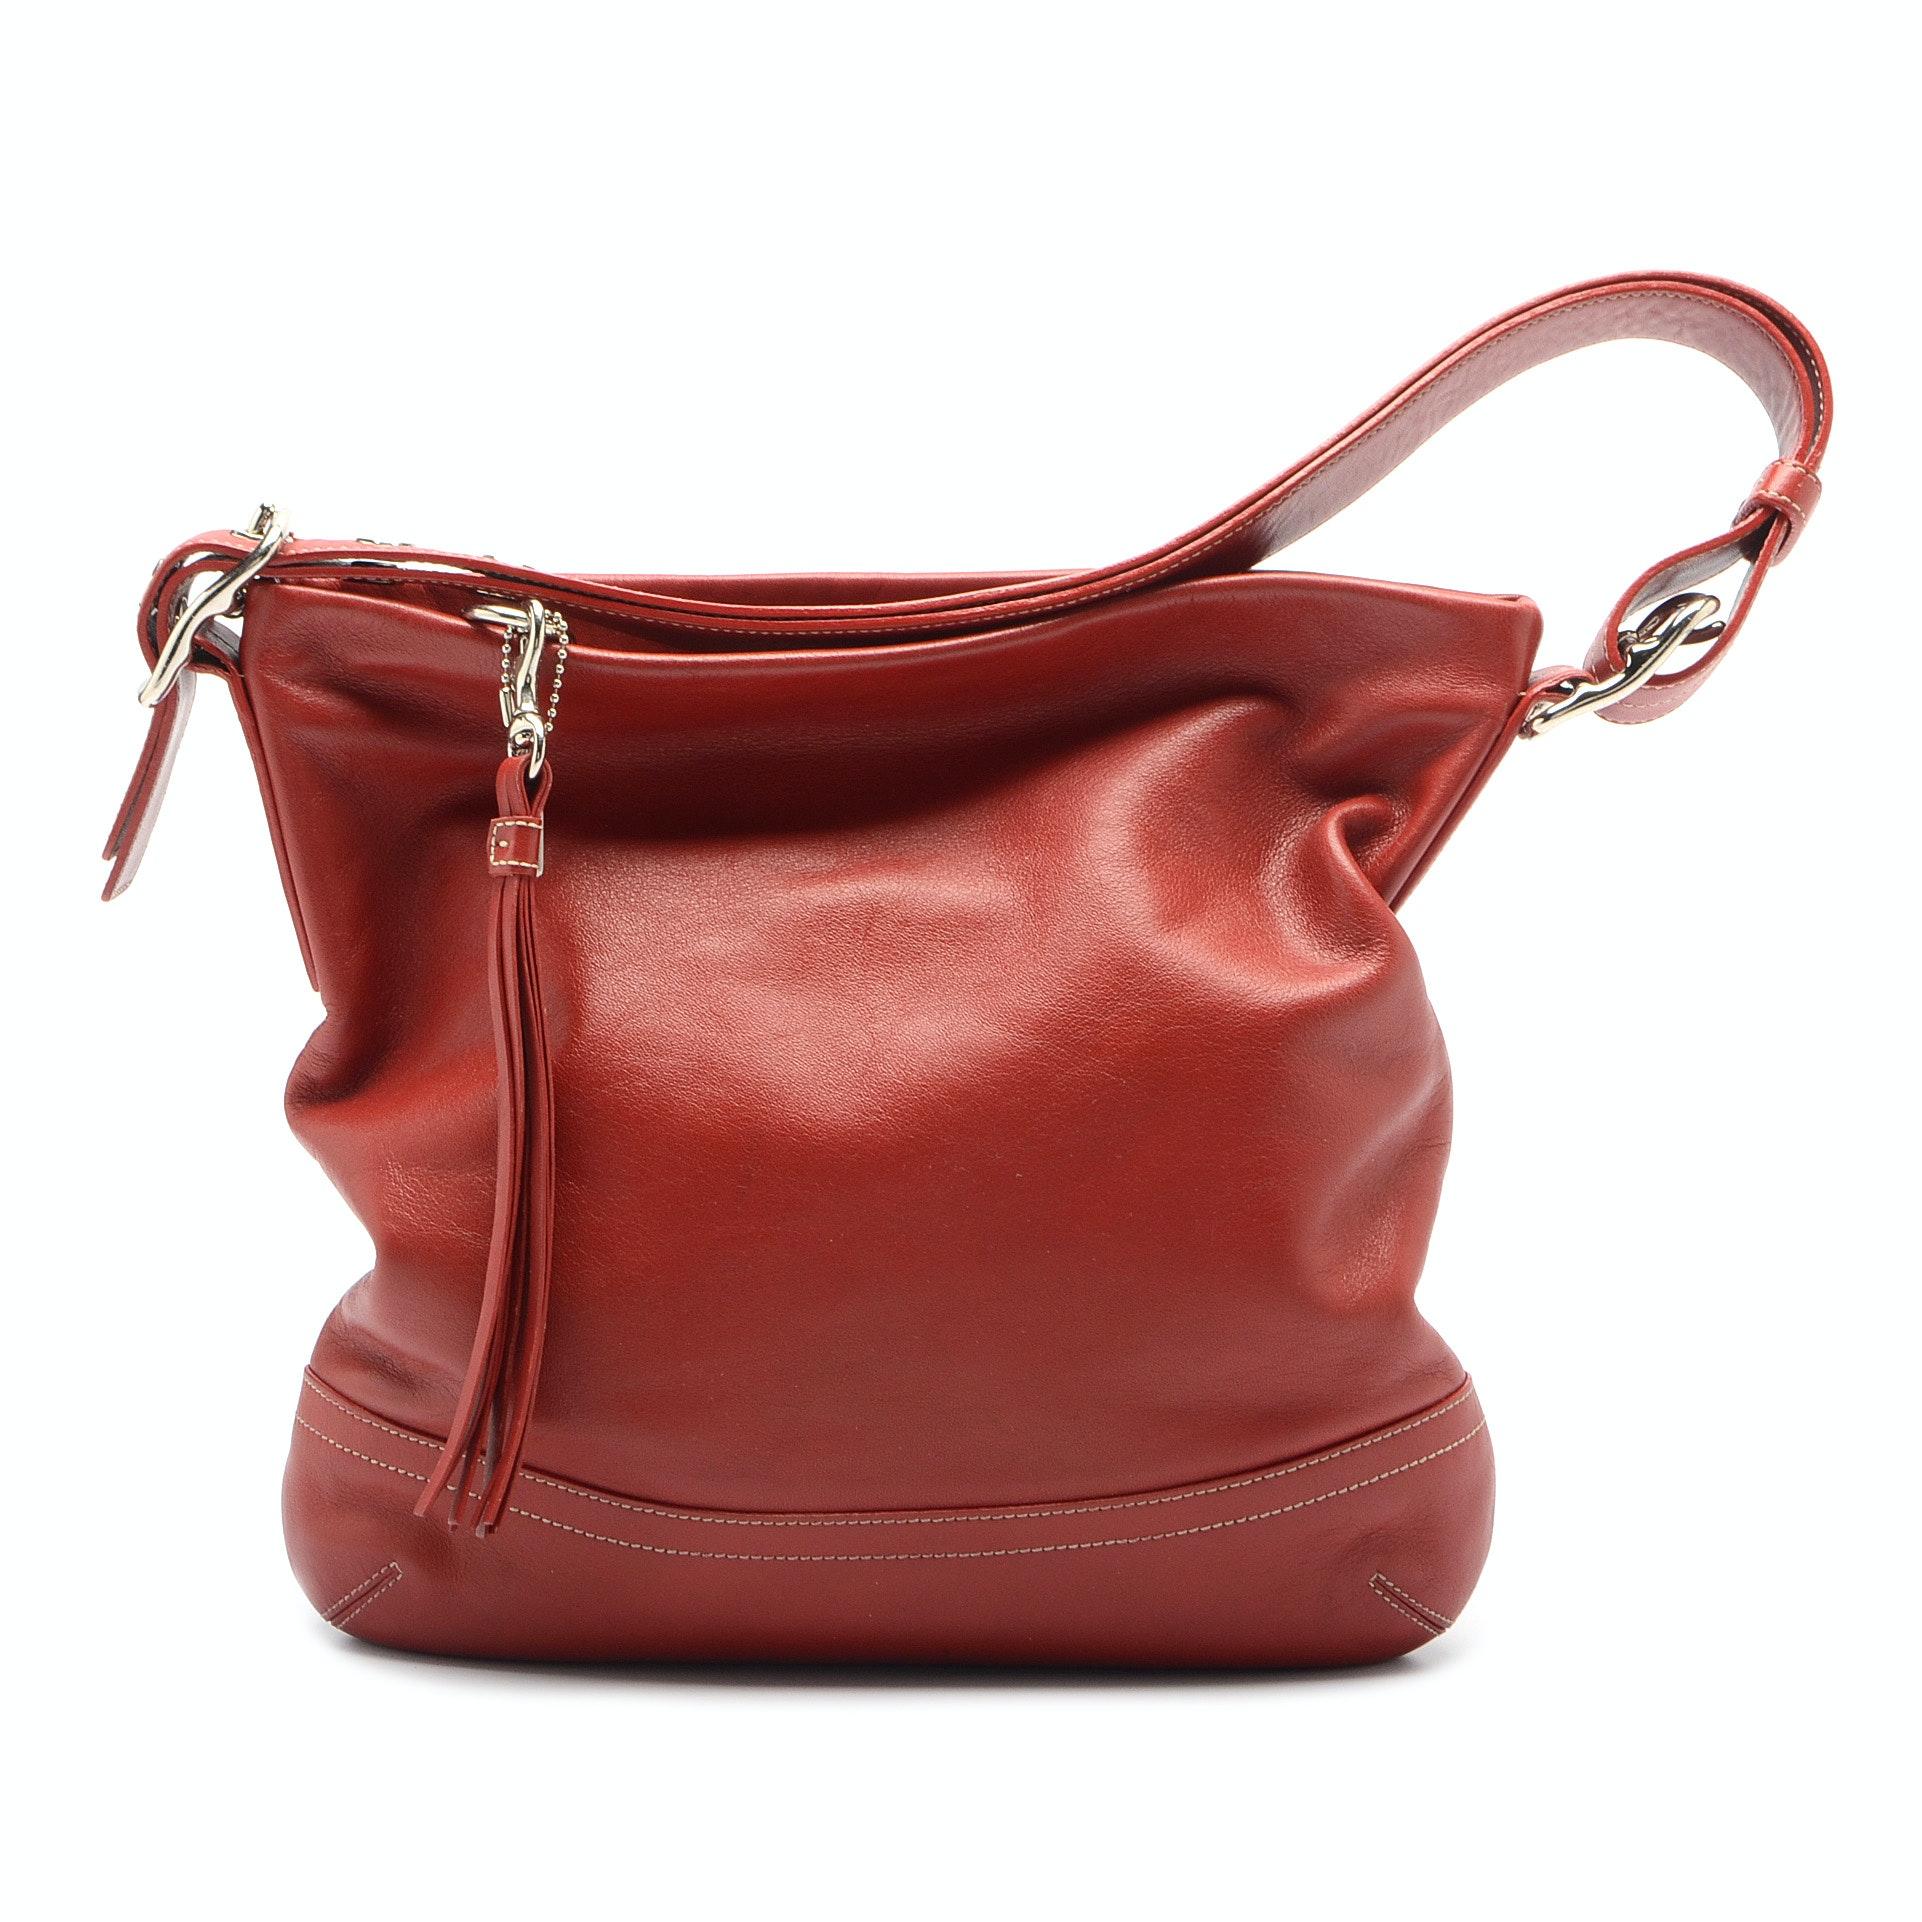 Coach Soho Crossbody Handbag